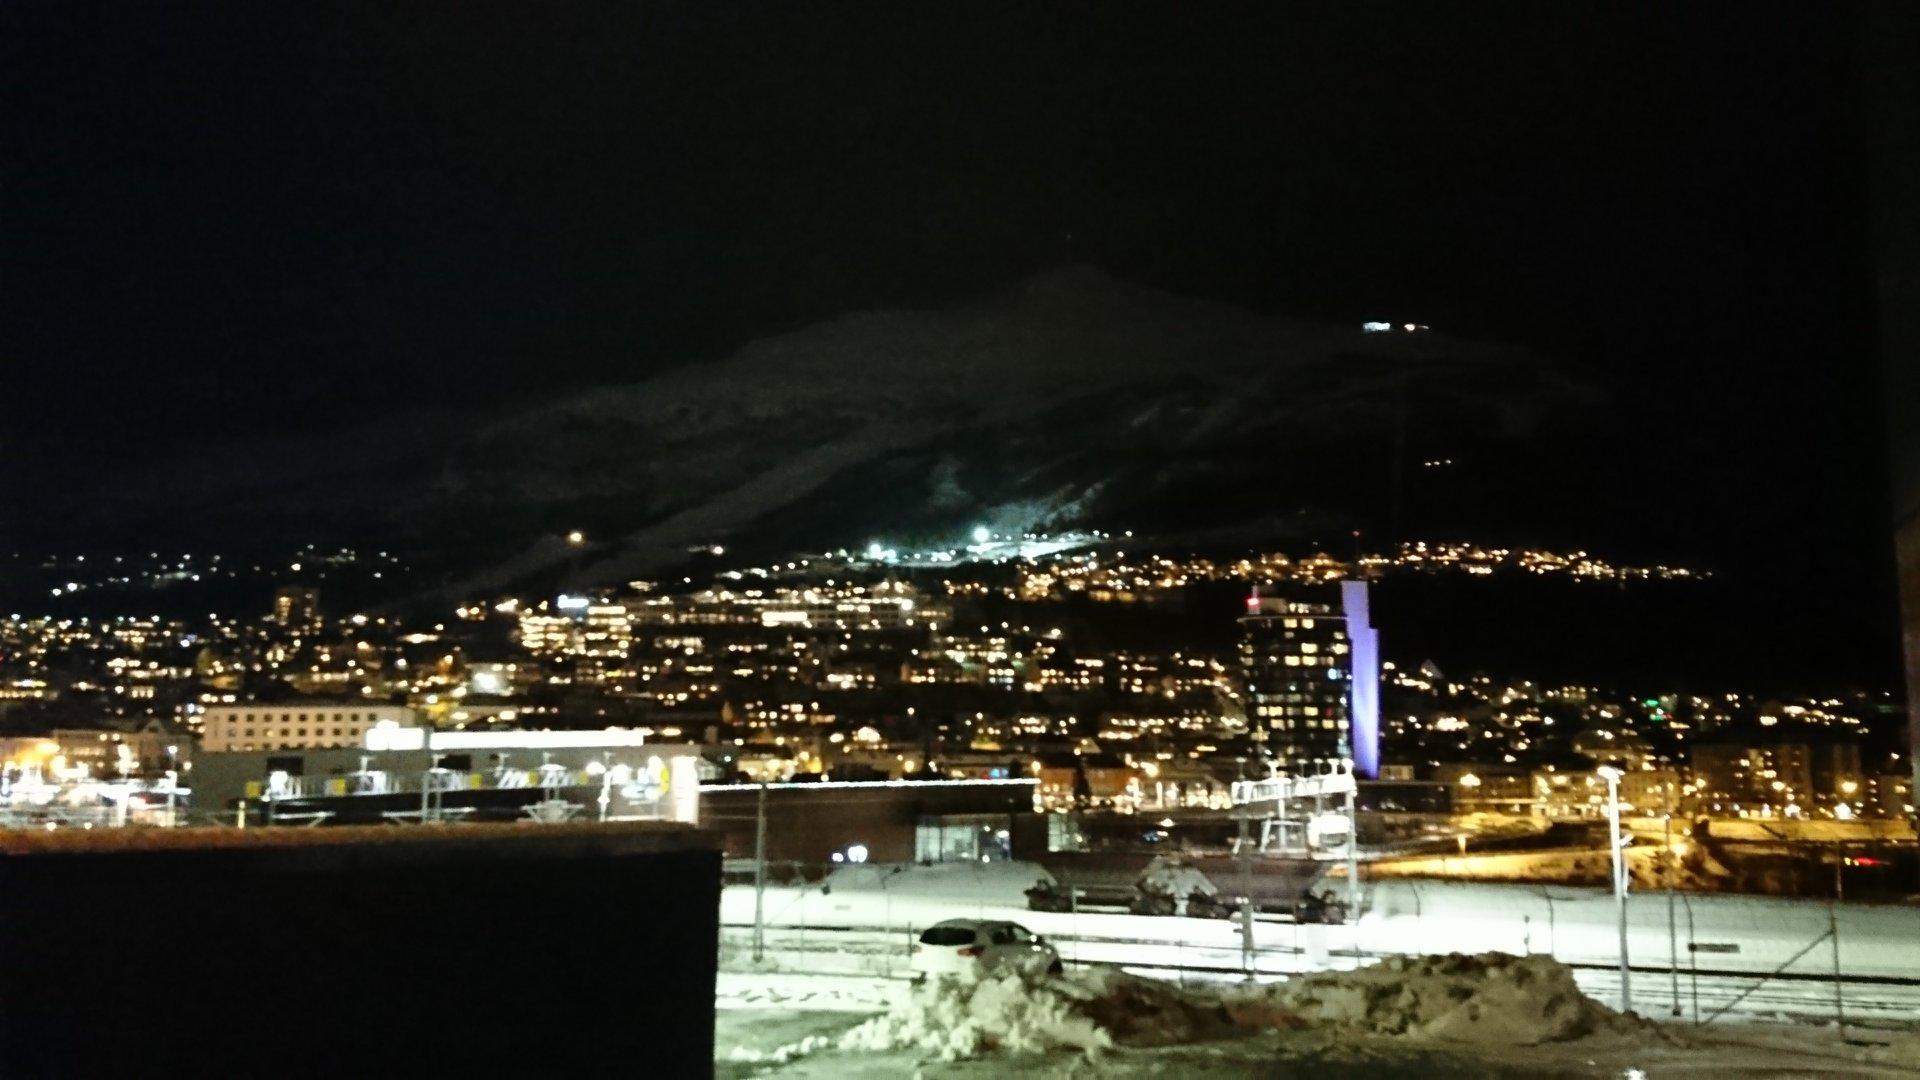 すごく夜景が綺麗で色気のある街